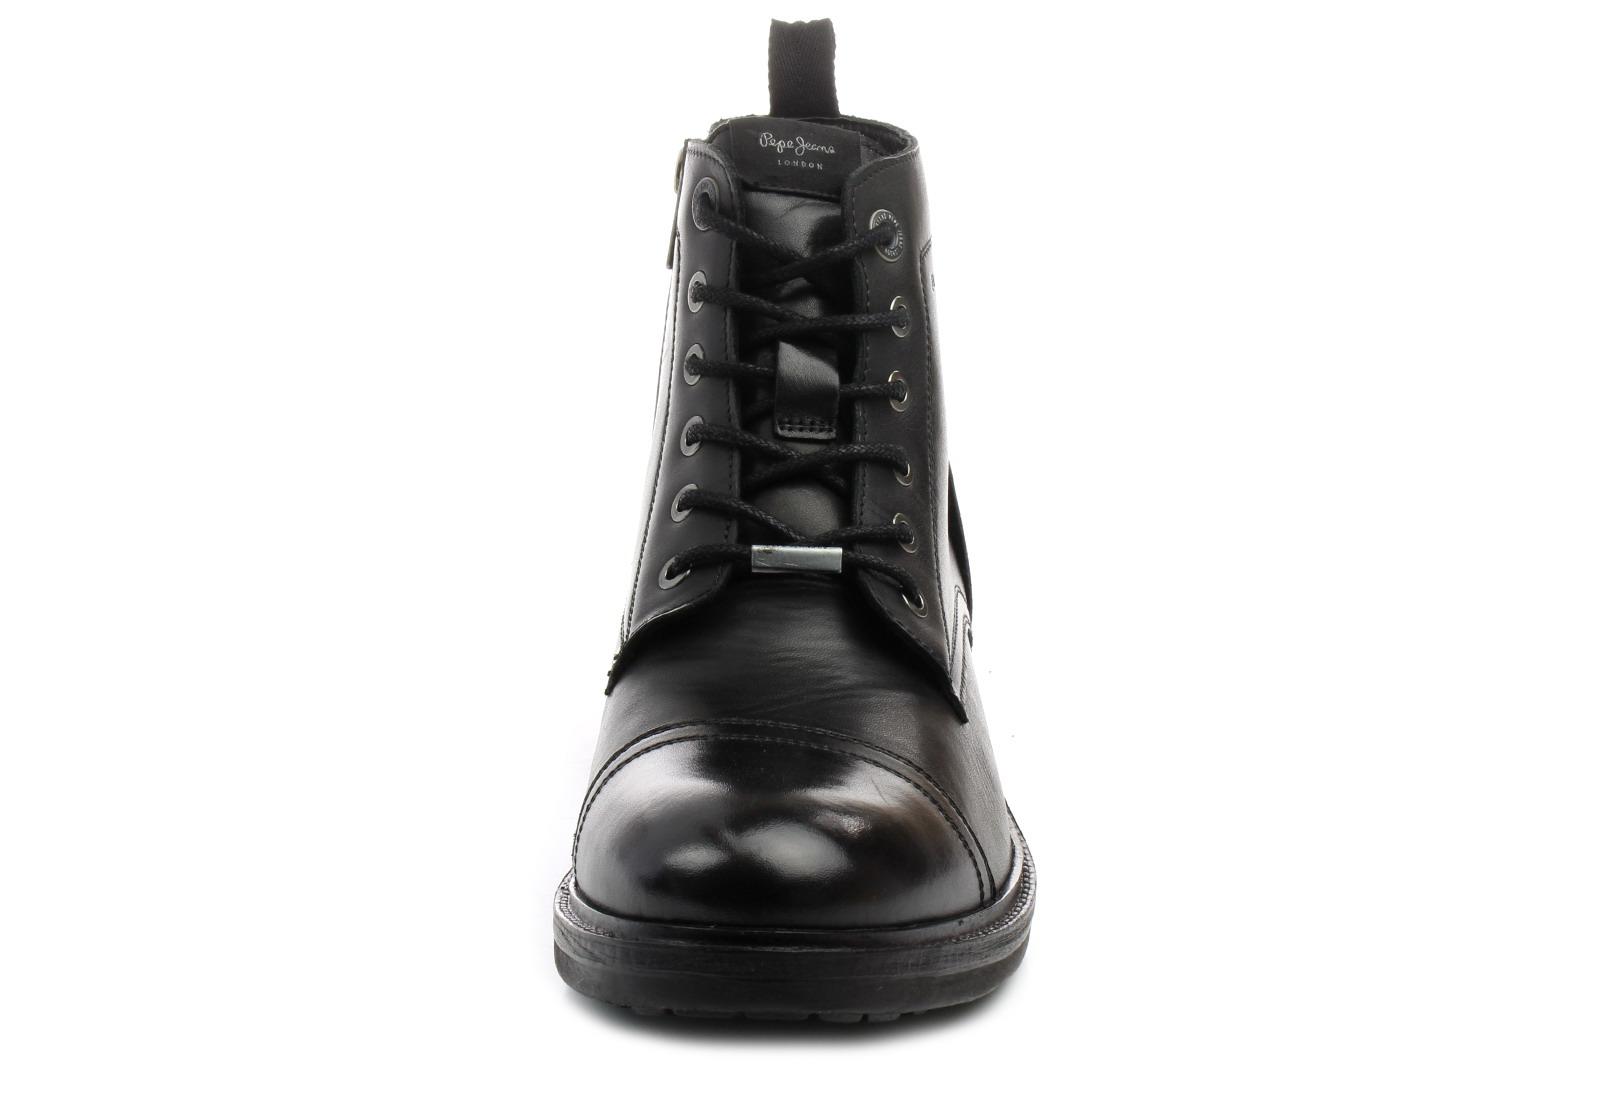 f5187622a21 Pepe Jeans Topánky - Hubert - PMS50159999 - Tenisky